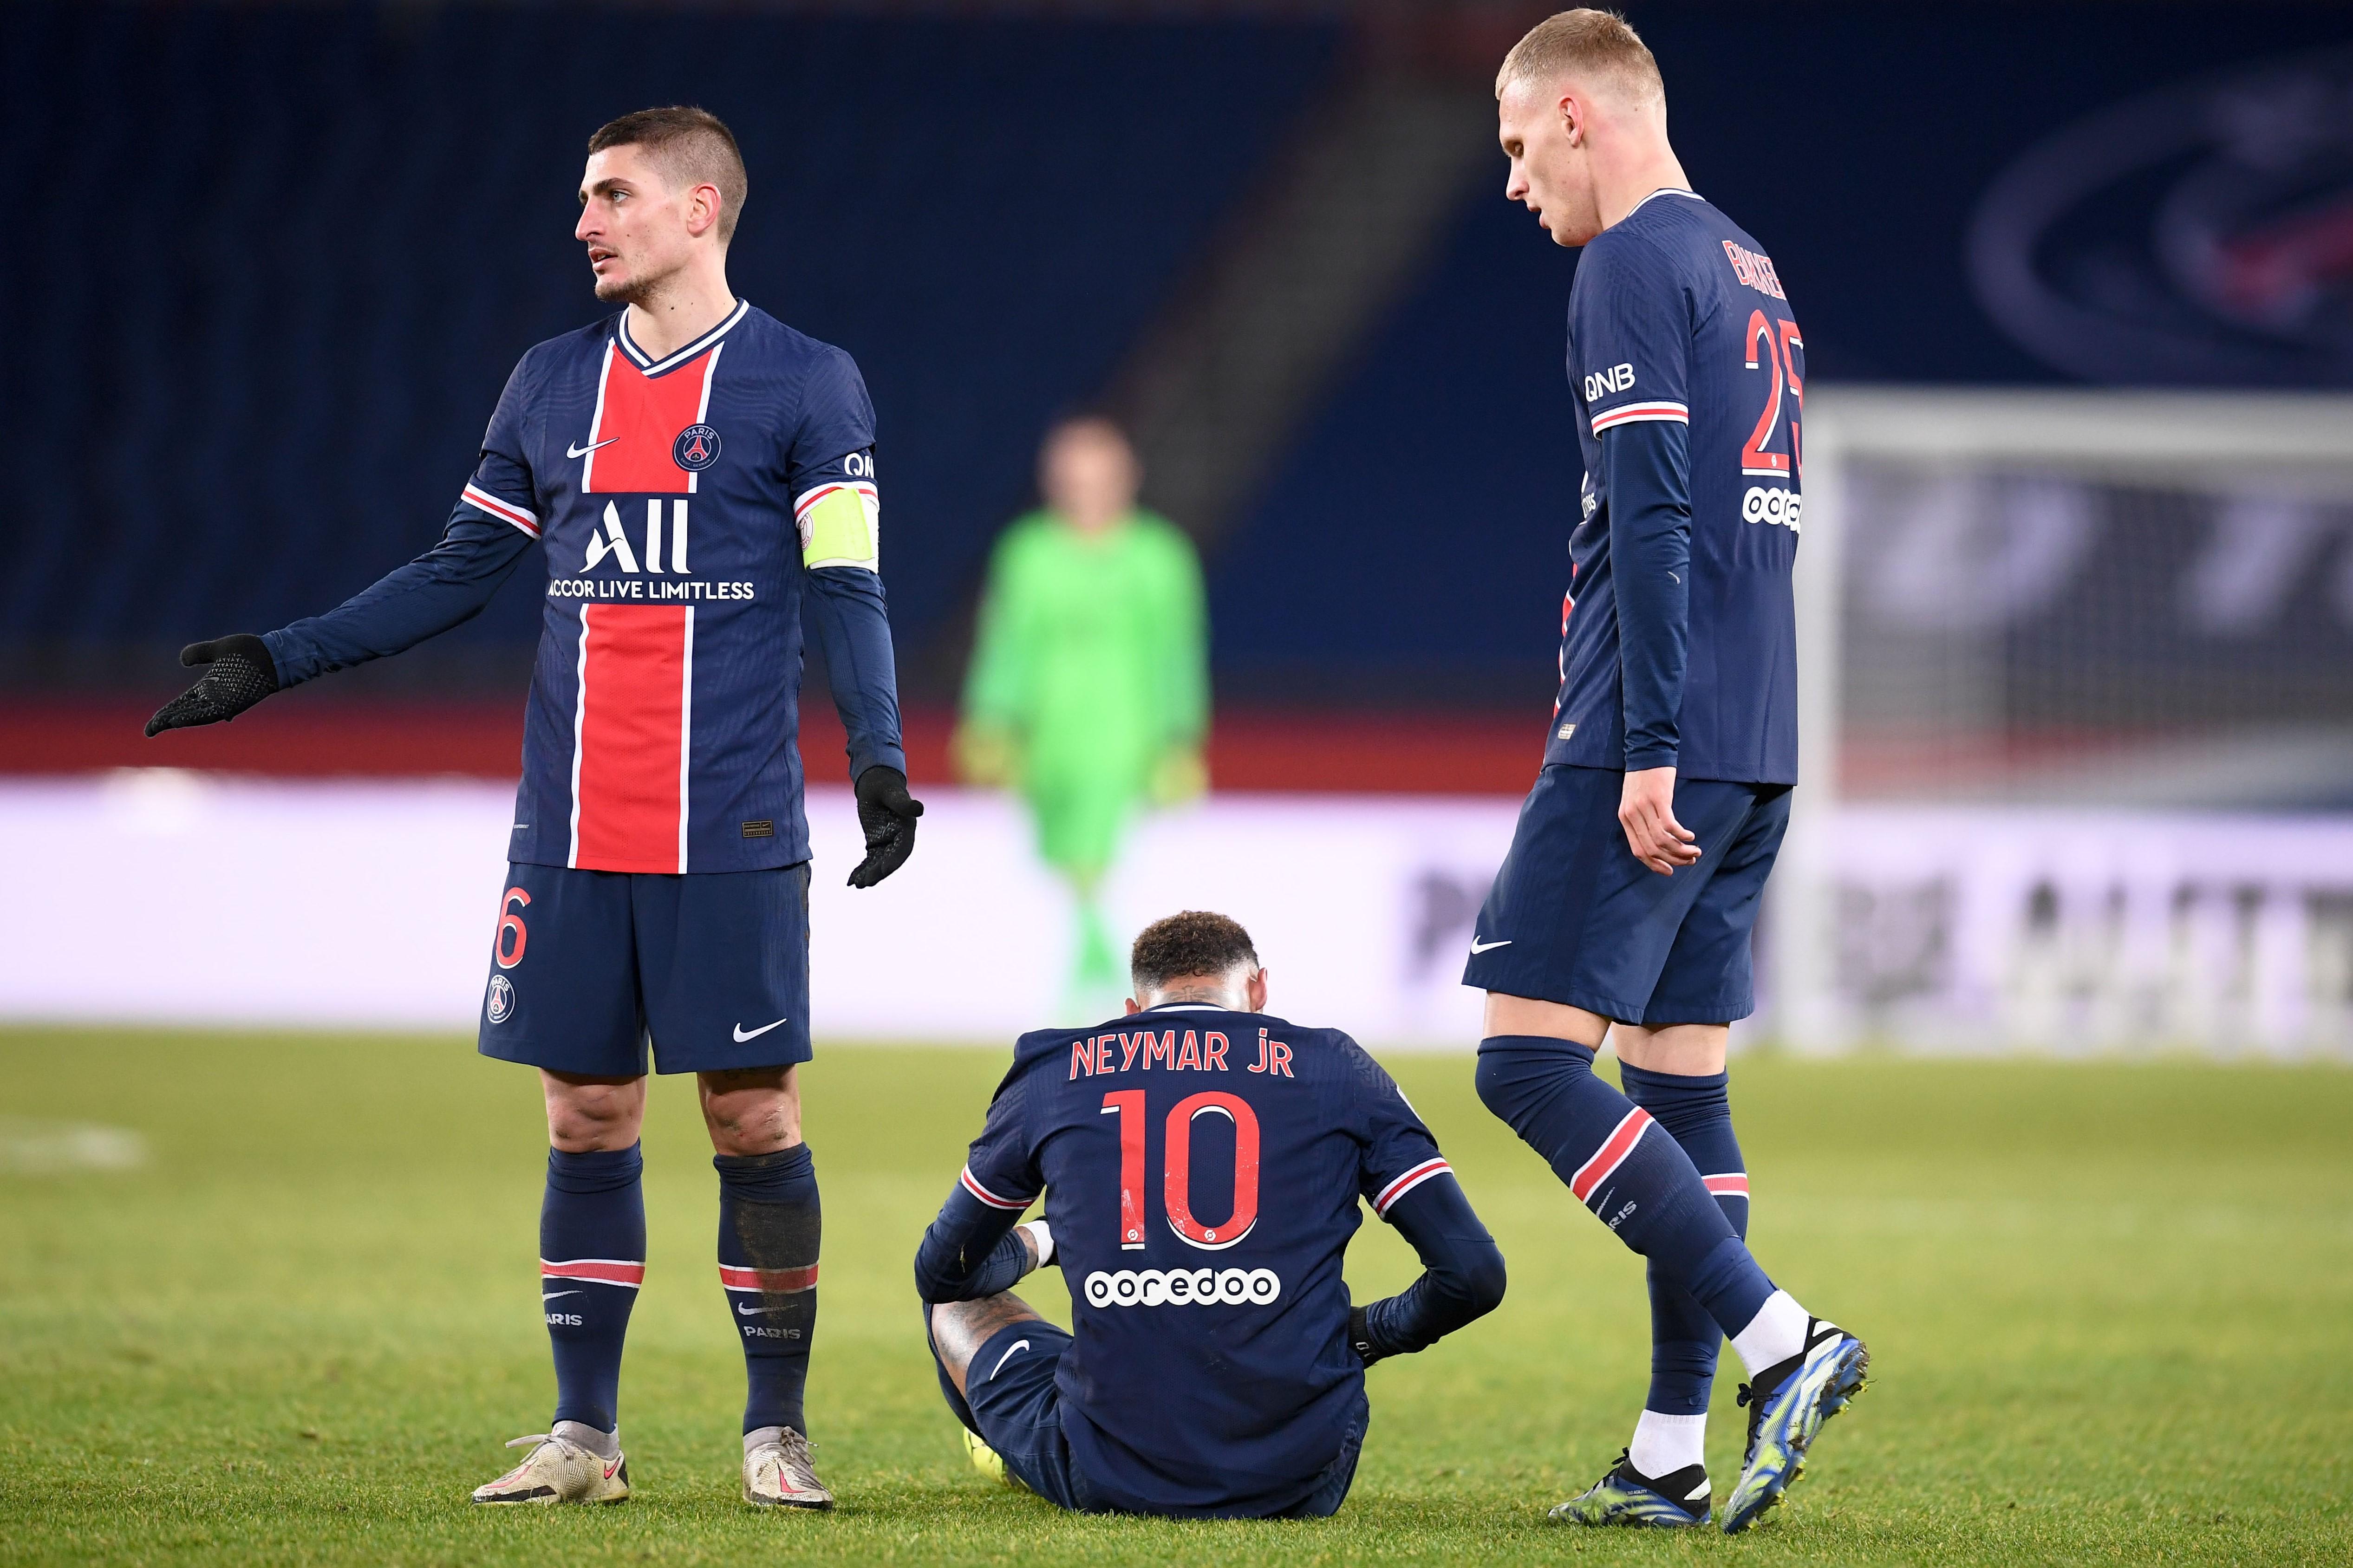 PSG : le conseil cocasse d'un arbitre pour «détendre l'atmosphère» avec Neymar et Verratti - Le Figaro